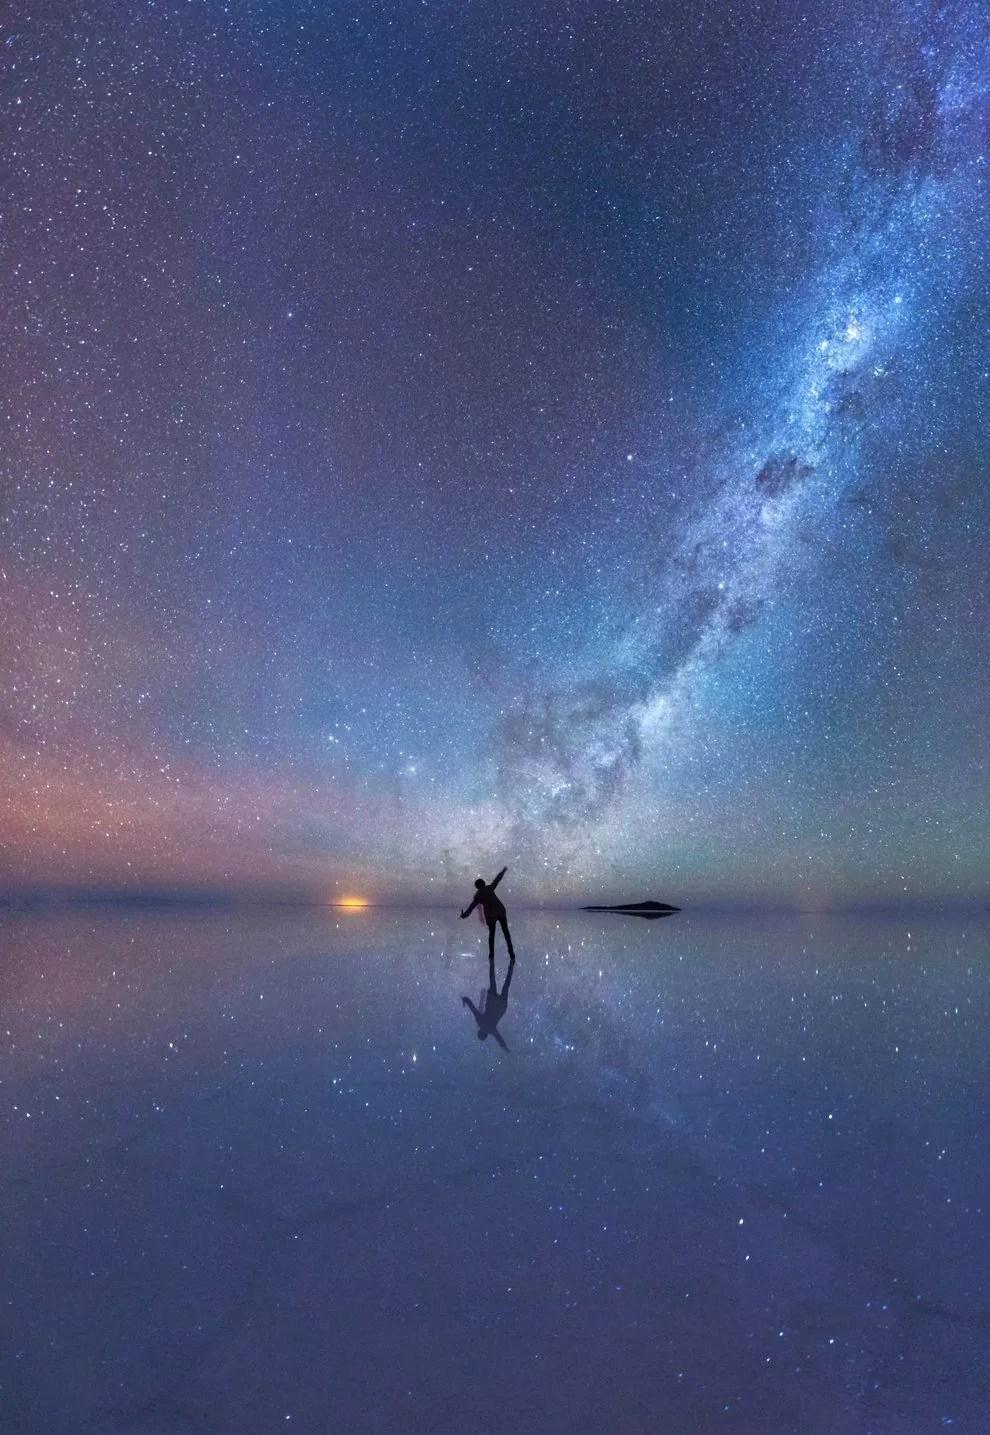 Céu noturno espelhado / Xiaohua Zhao